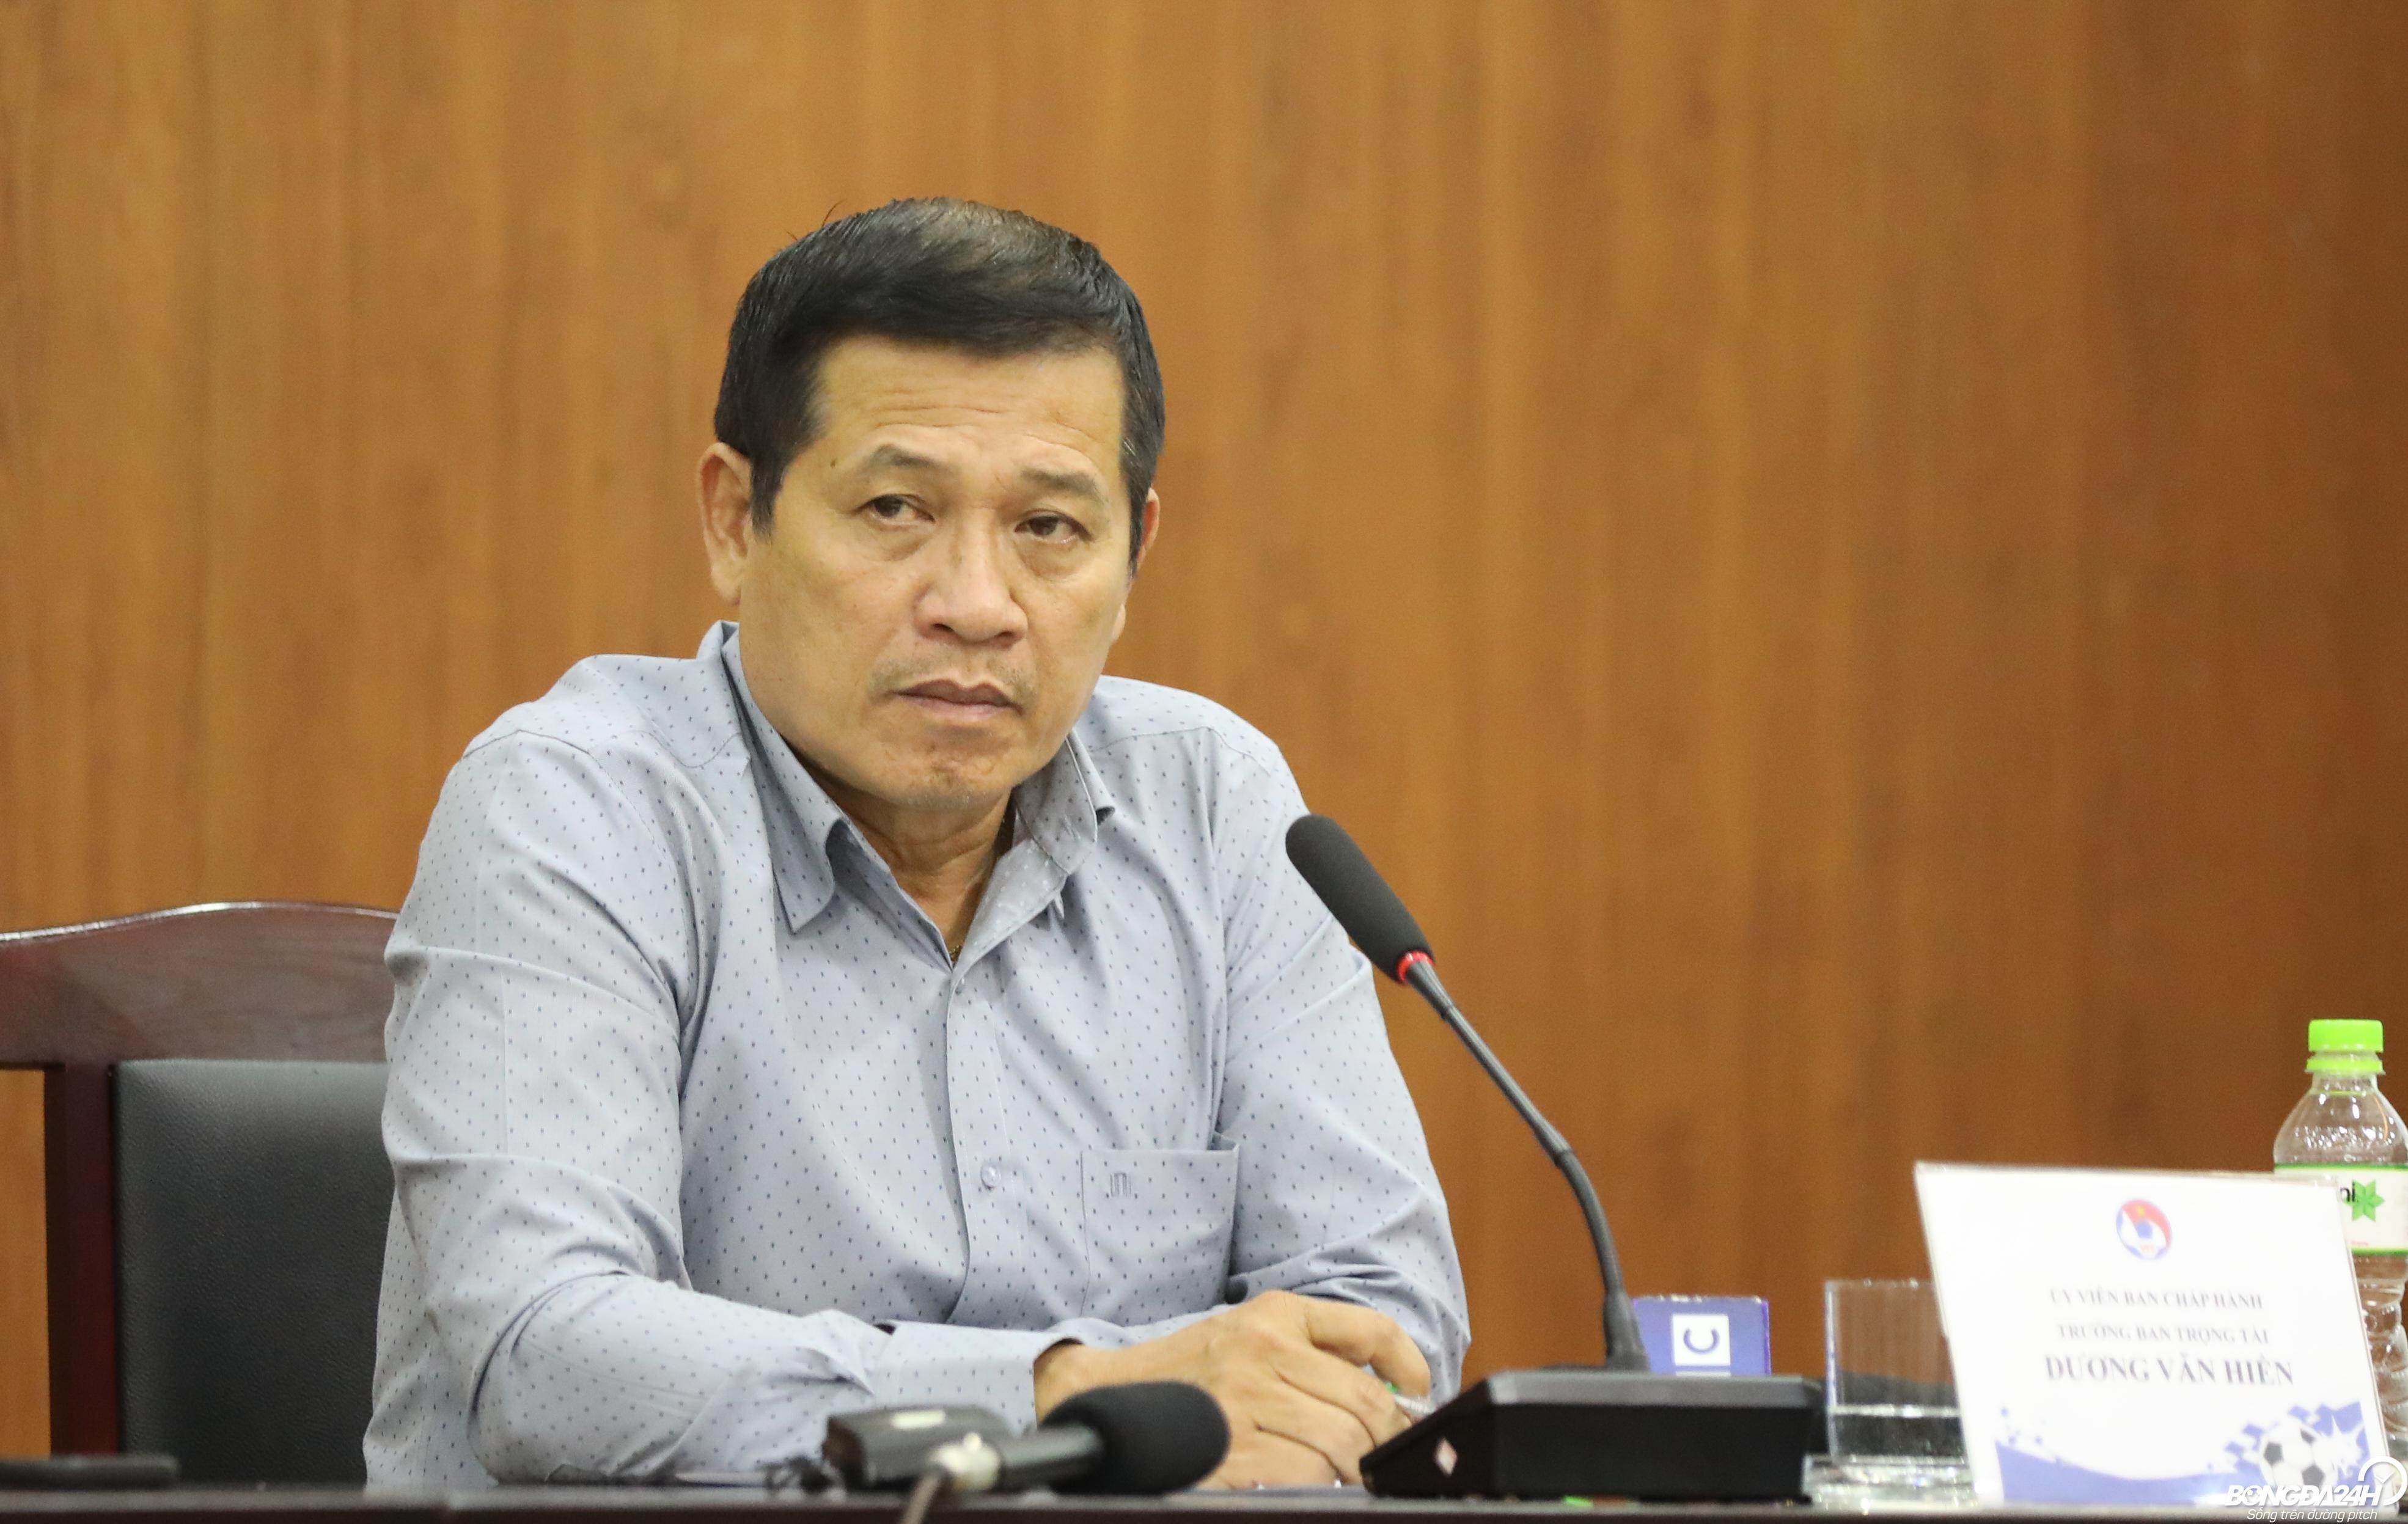 Ông Dương Văn Hiền chia sẻ về áp lực trọng tài hình ảnh